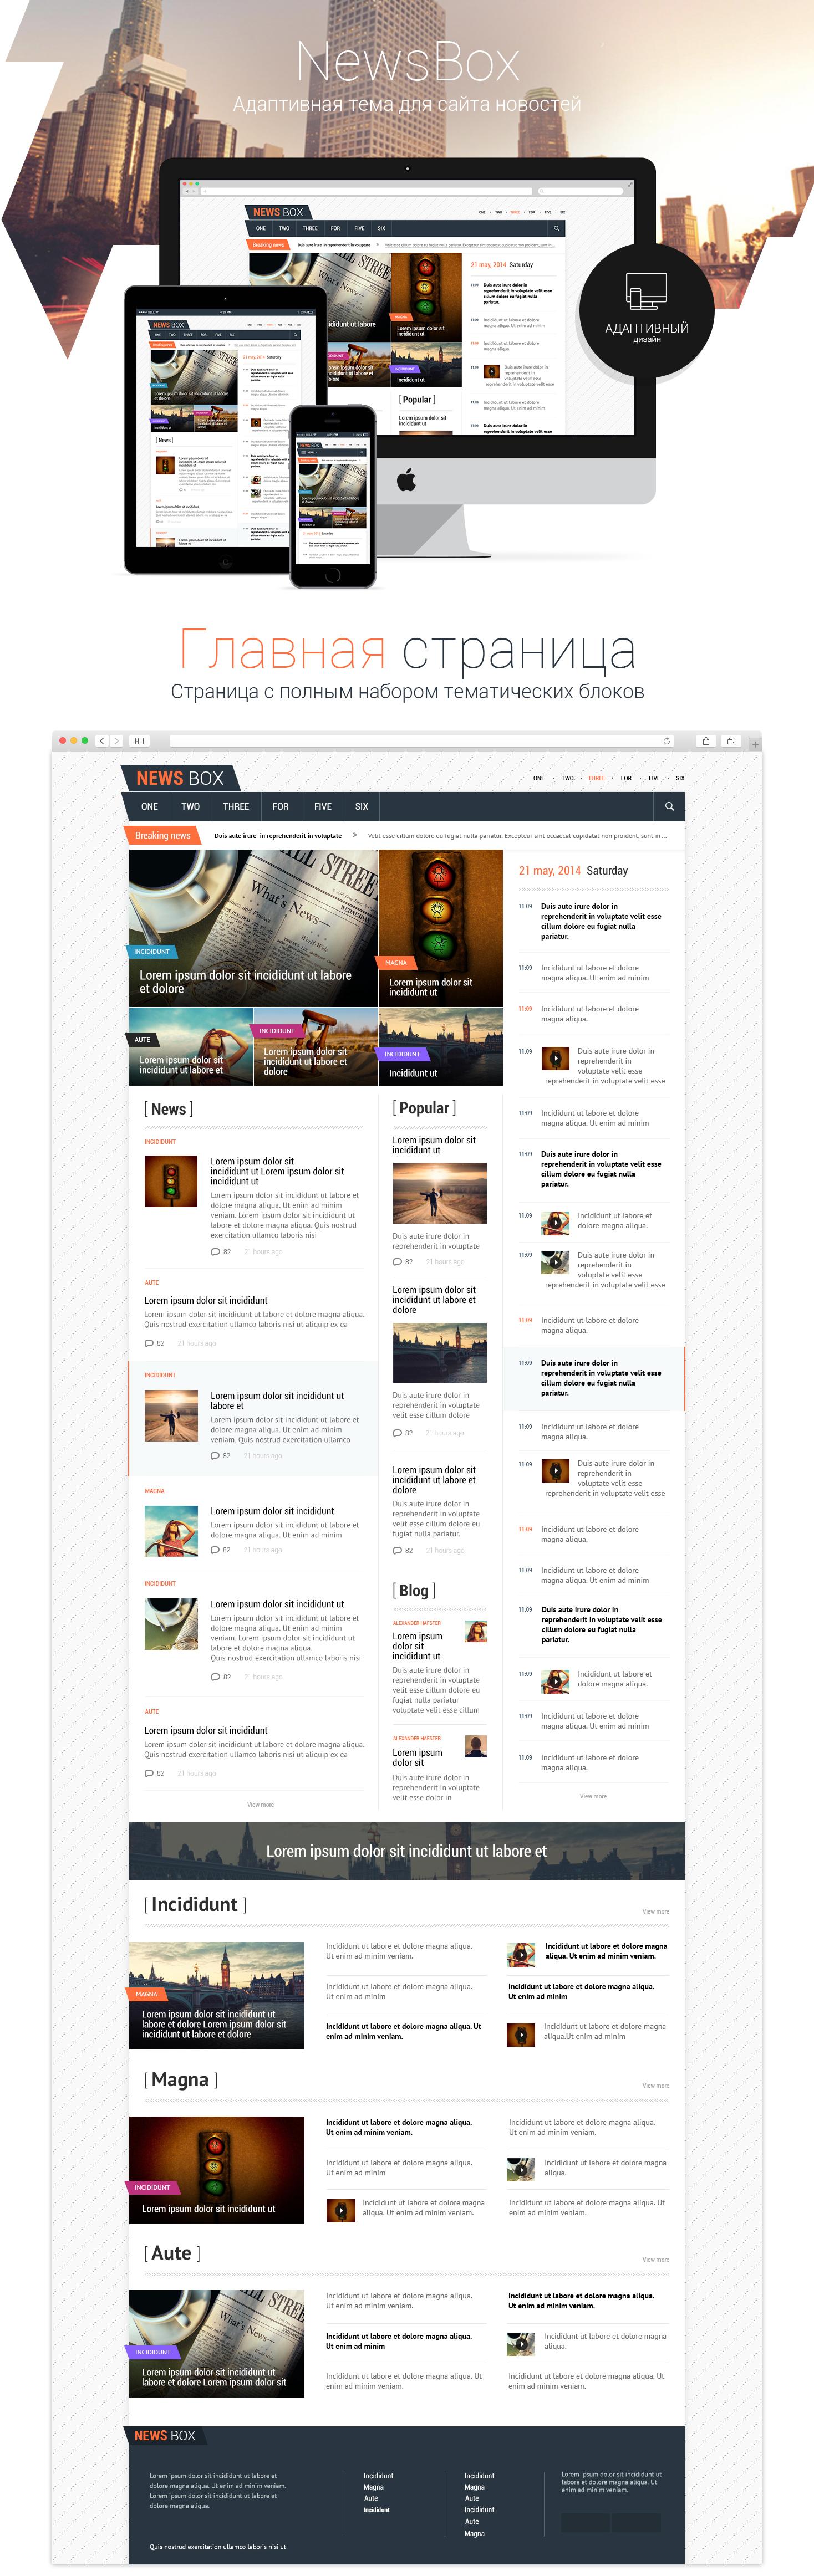 Тема для новостного портала NewsBox